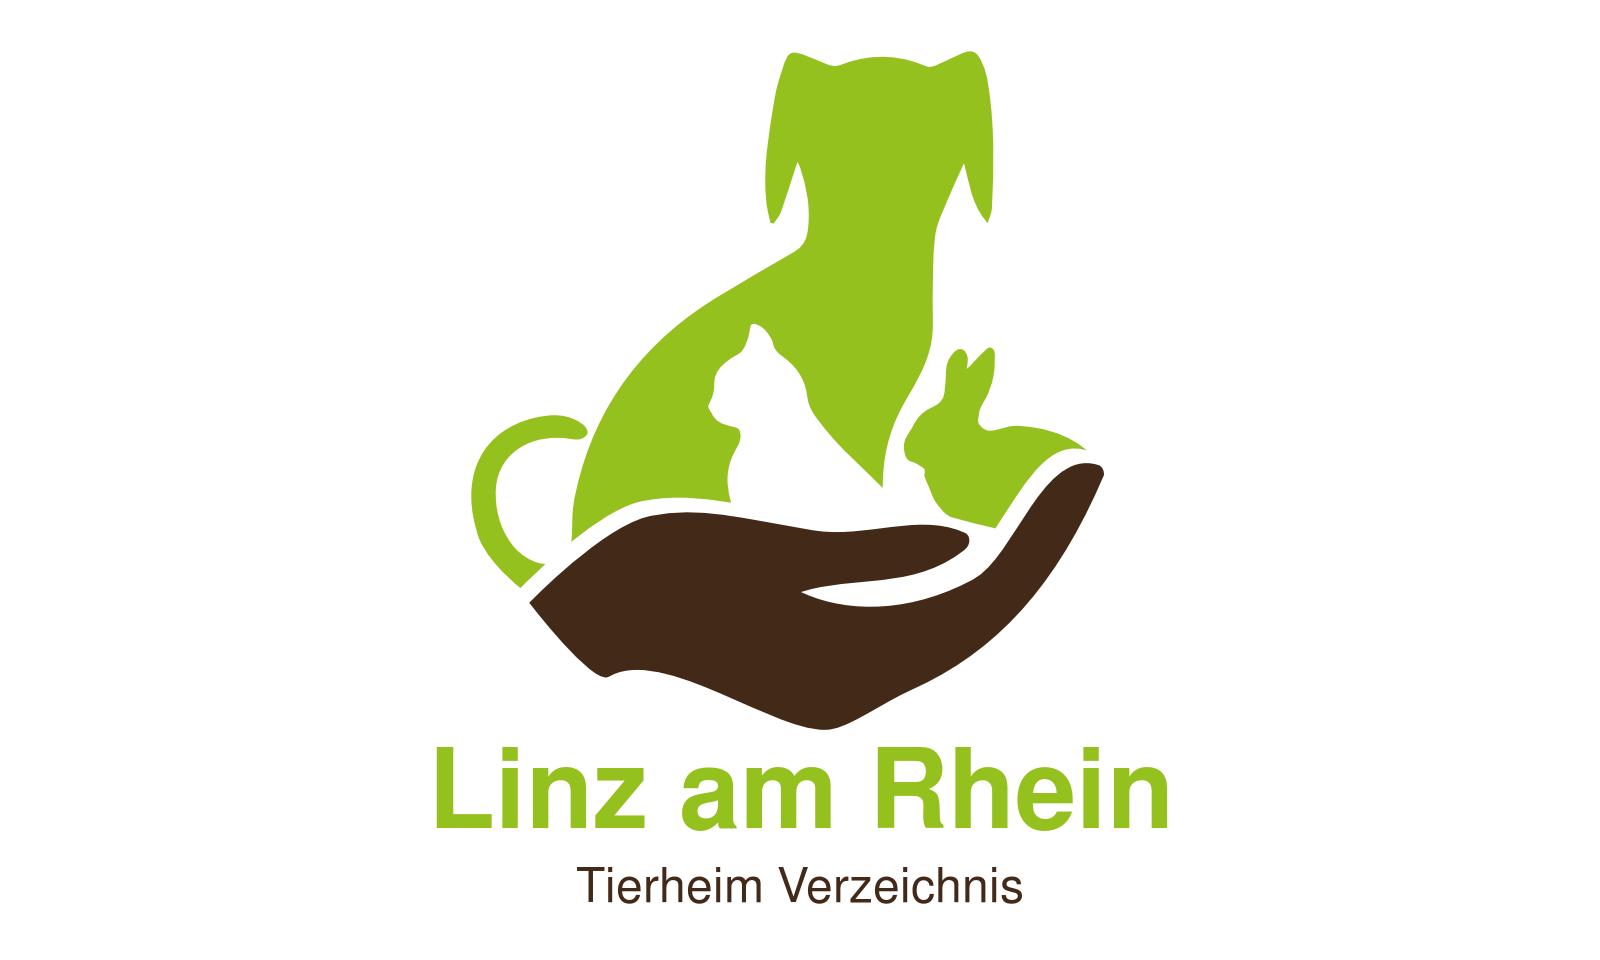 Tierheim Linz am Rhein